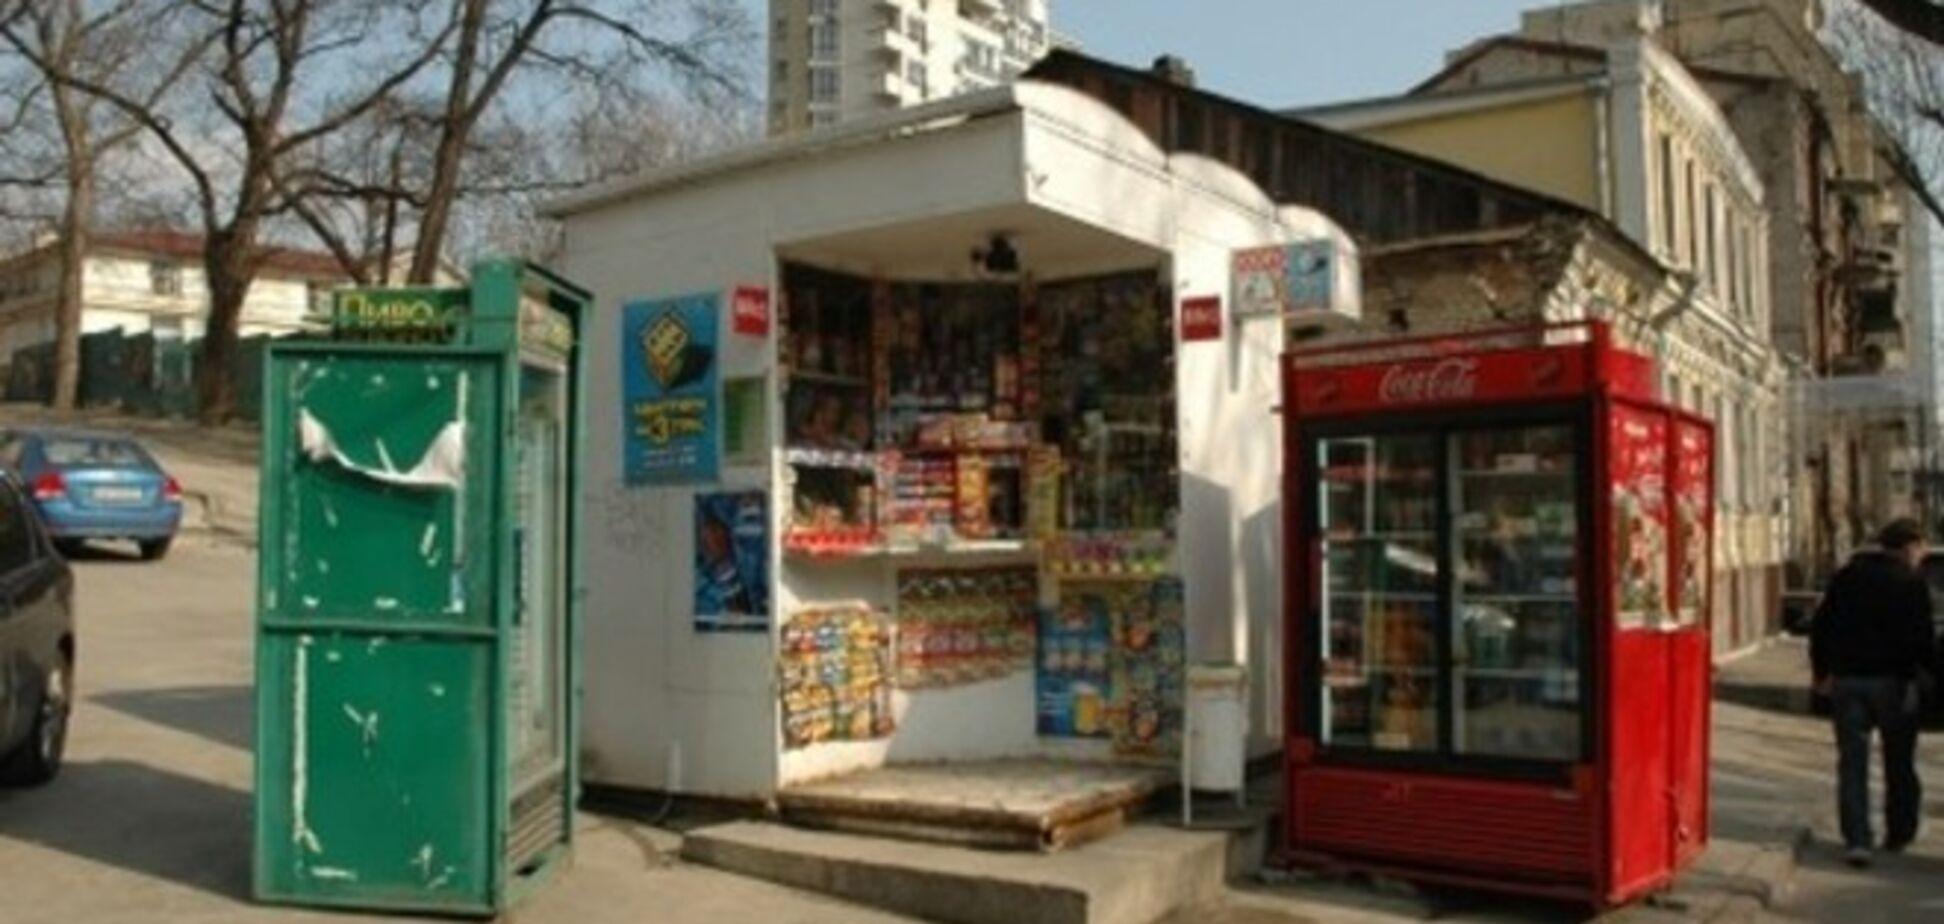 Експерти розповіли, чому в Києві не вирішується проблема незаконних кіосків